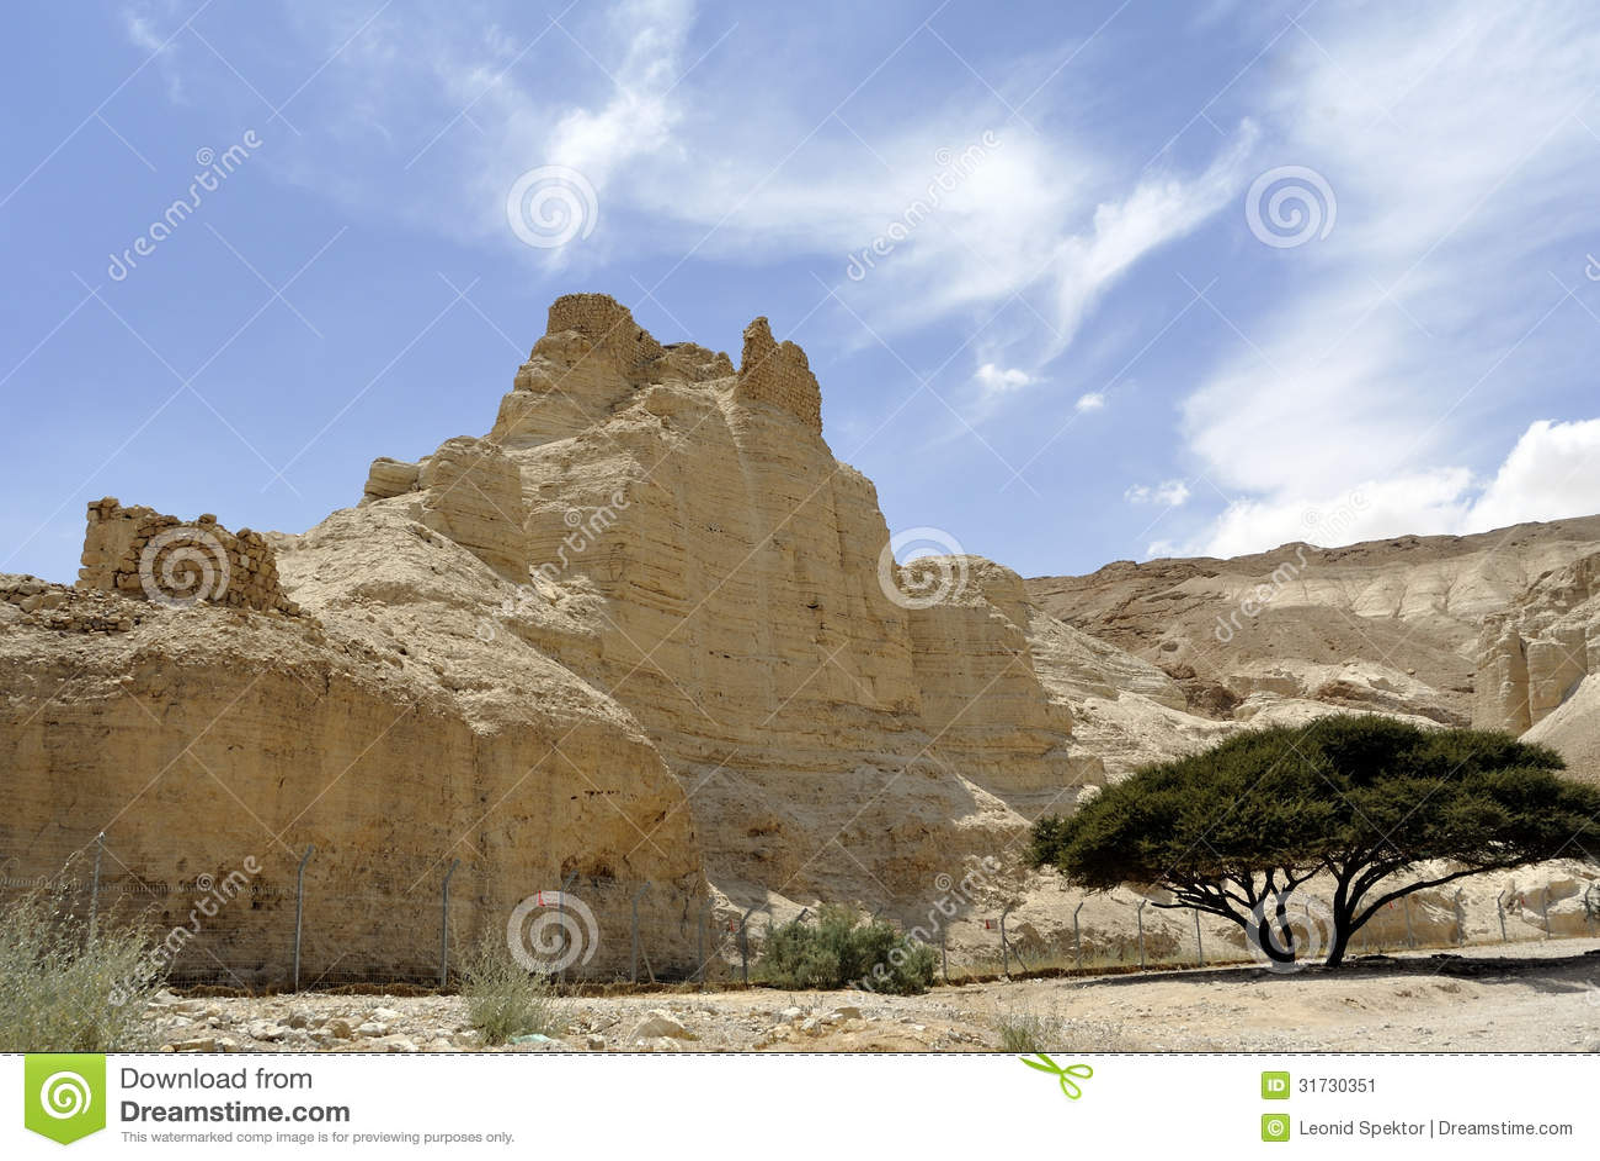 Φρούριο Zohar στην έρημο Judea.